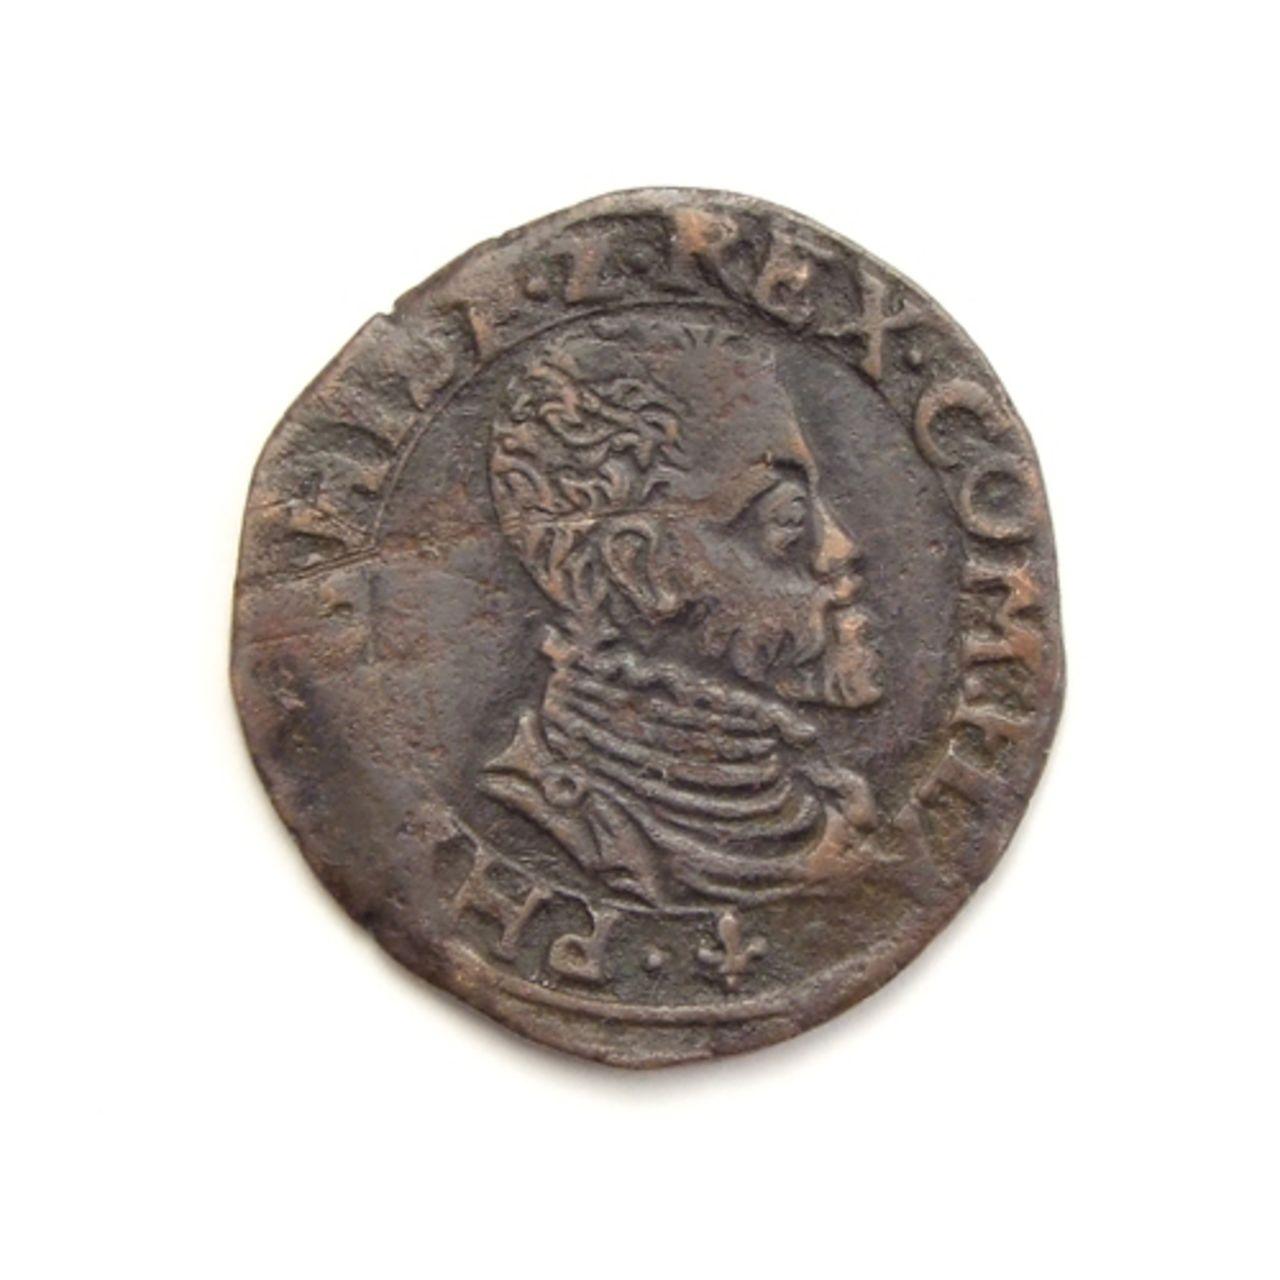 Dubbele Korte o Double Courte sf (ca. 1575). Felipe II. Vlaanderen (Flandes). Vlaanderen_brugge_dubbele_korte_z_j_5035_1